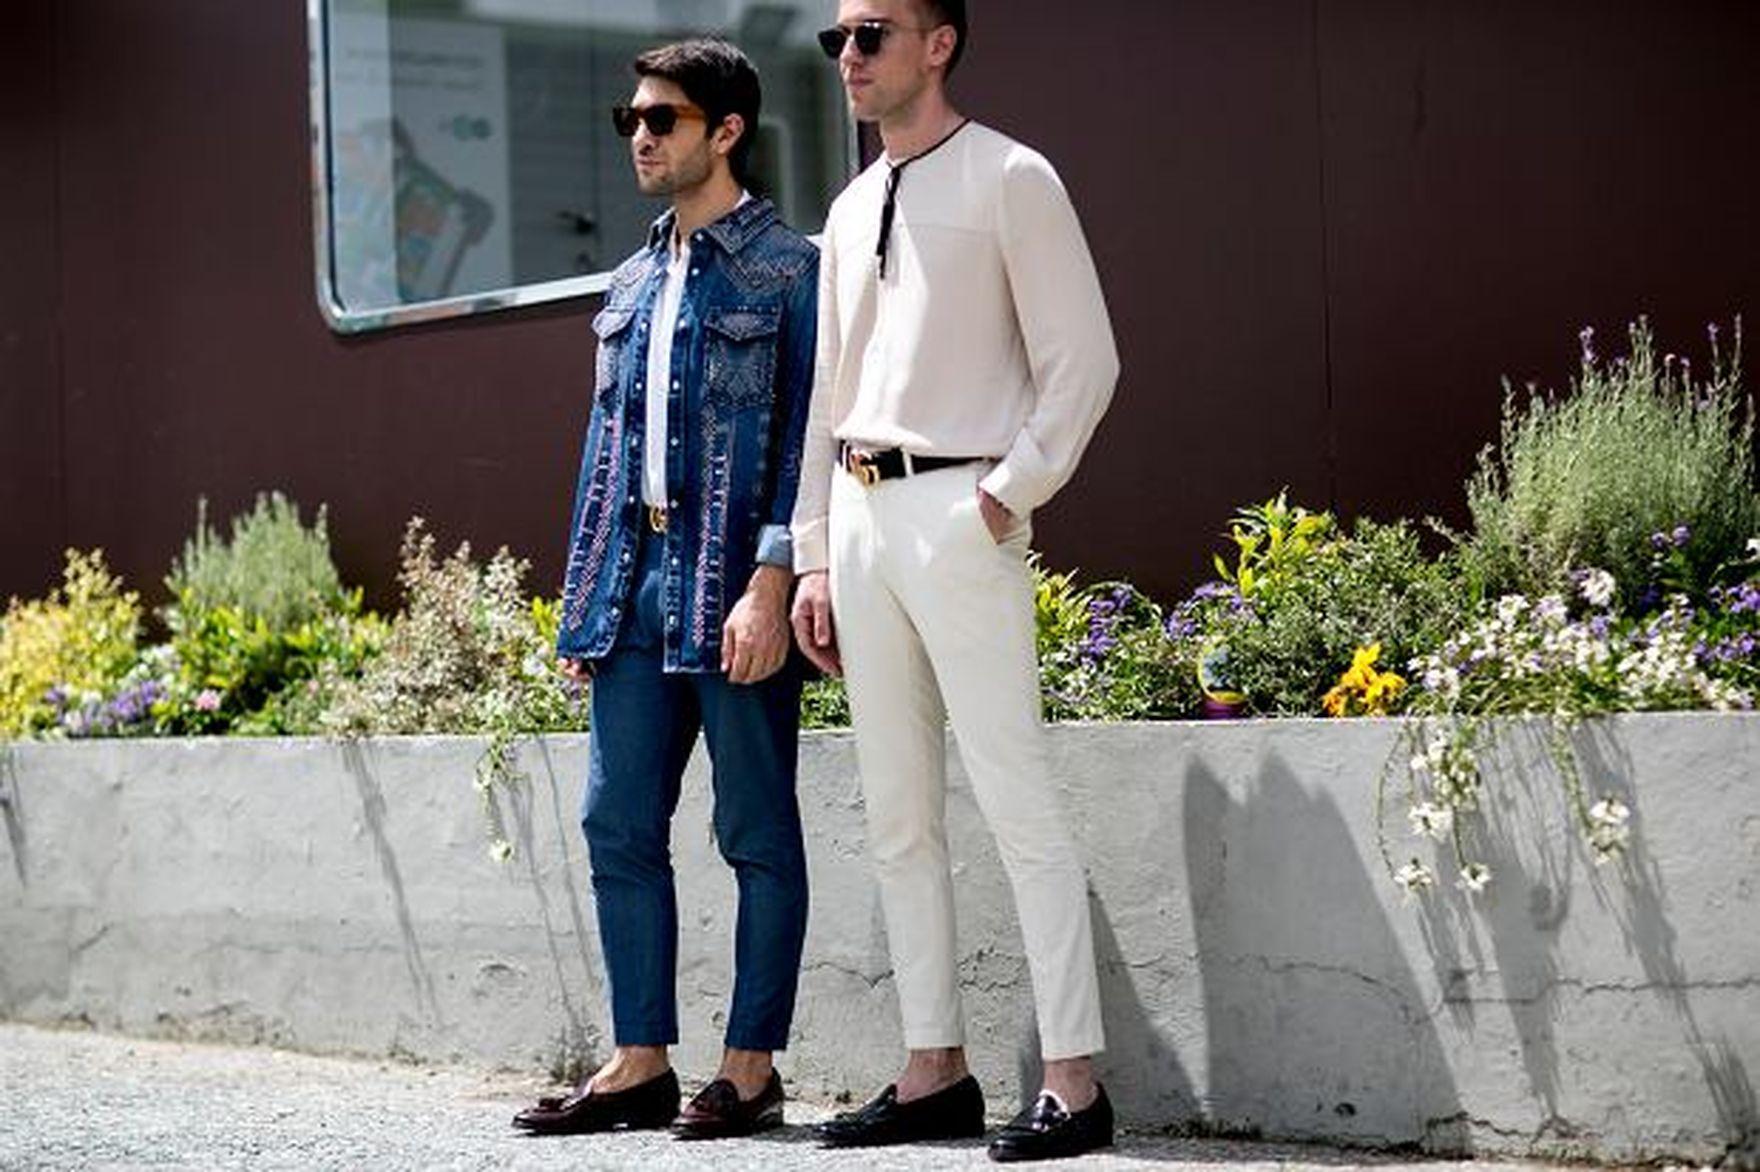 Skórzane półbuty polskiej marki Lasocki - wybieramy męskie propozycje do codziennych i wyjściowych stylizacji